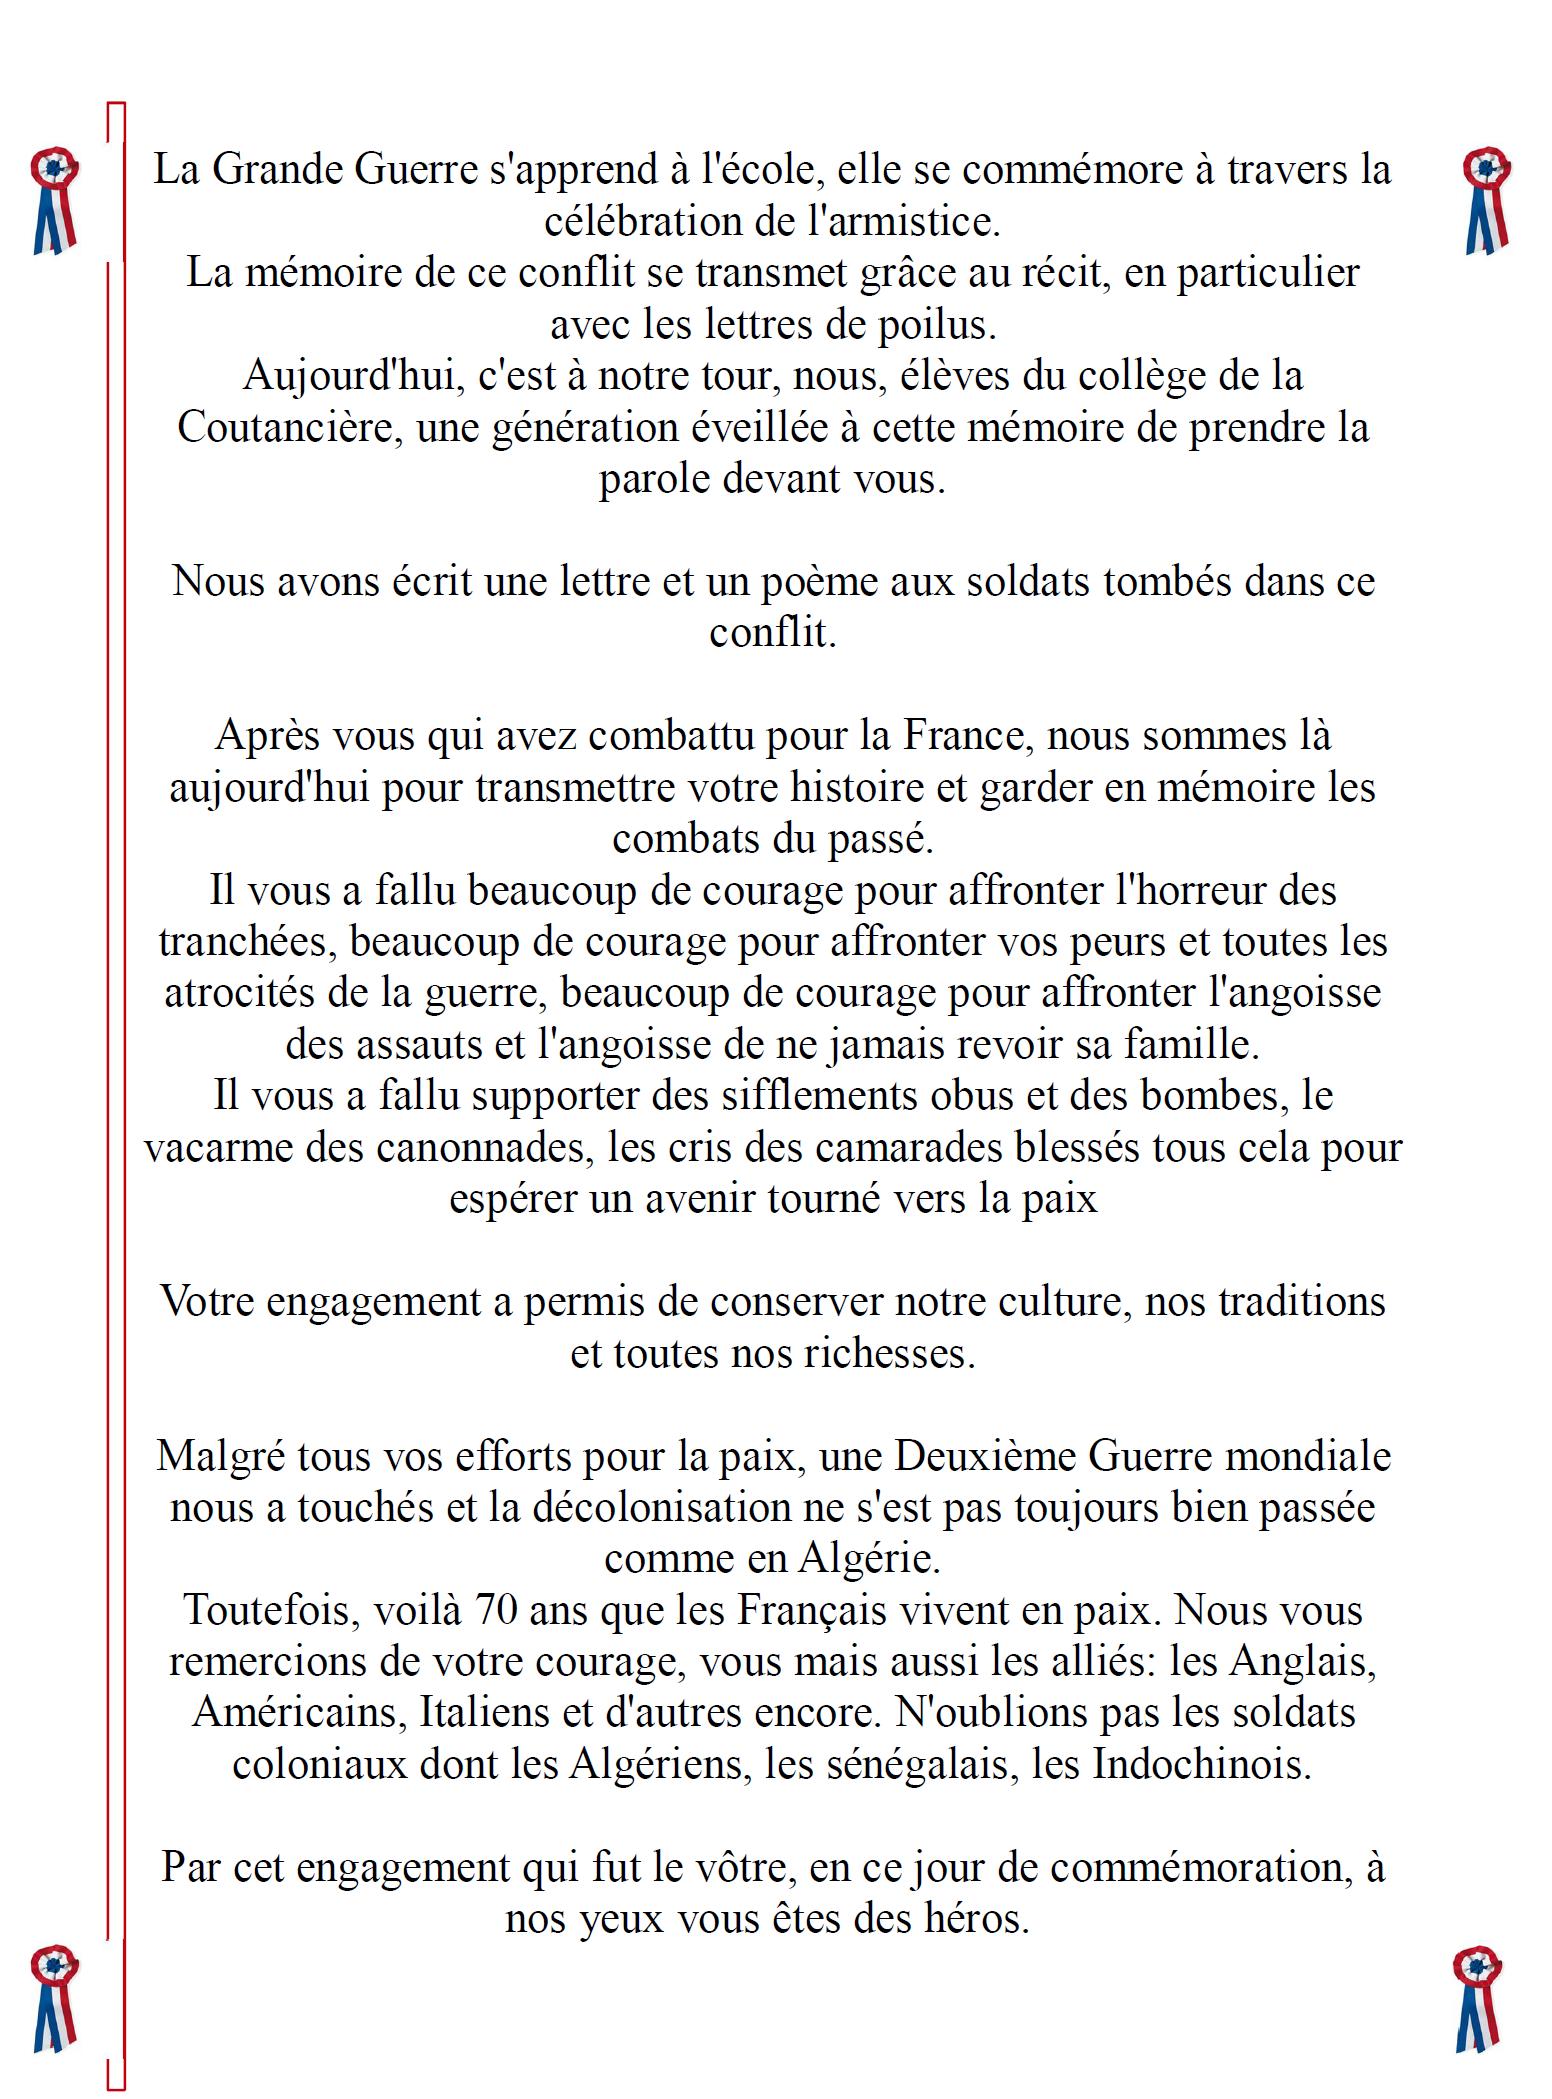 Commémoration Du 11 Novembre 1918 Collège La Coutanciere